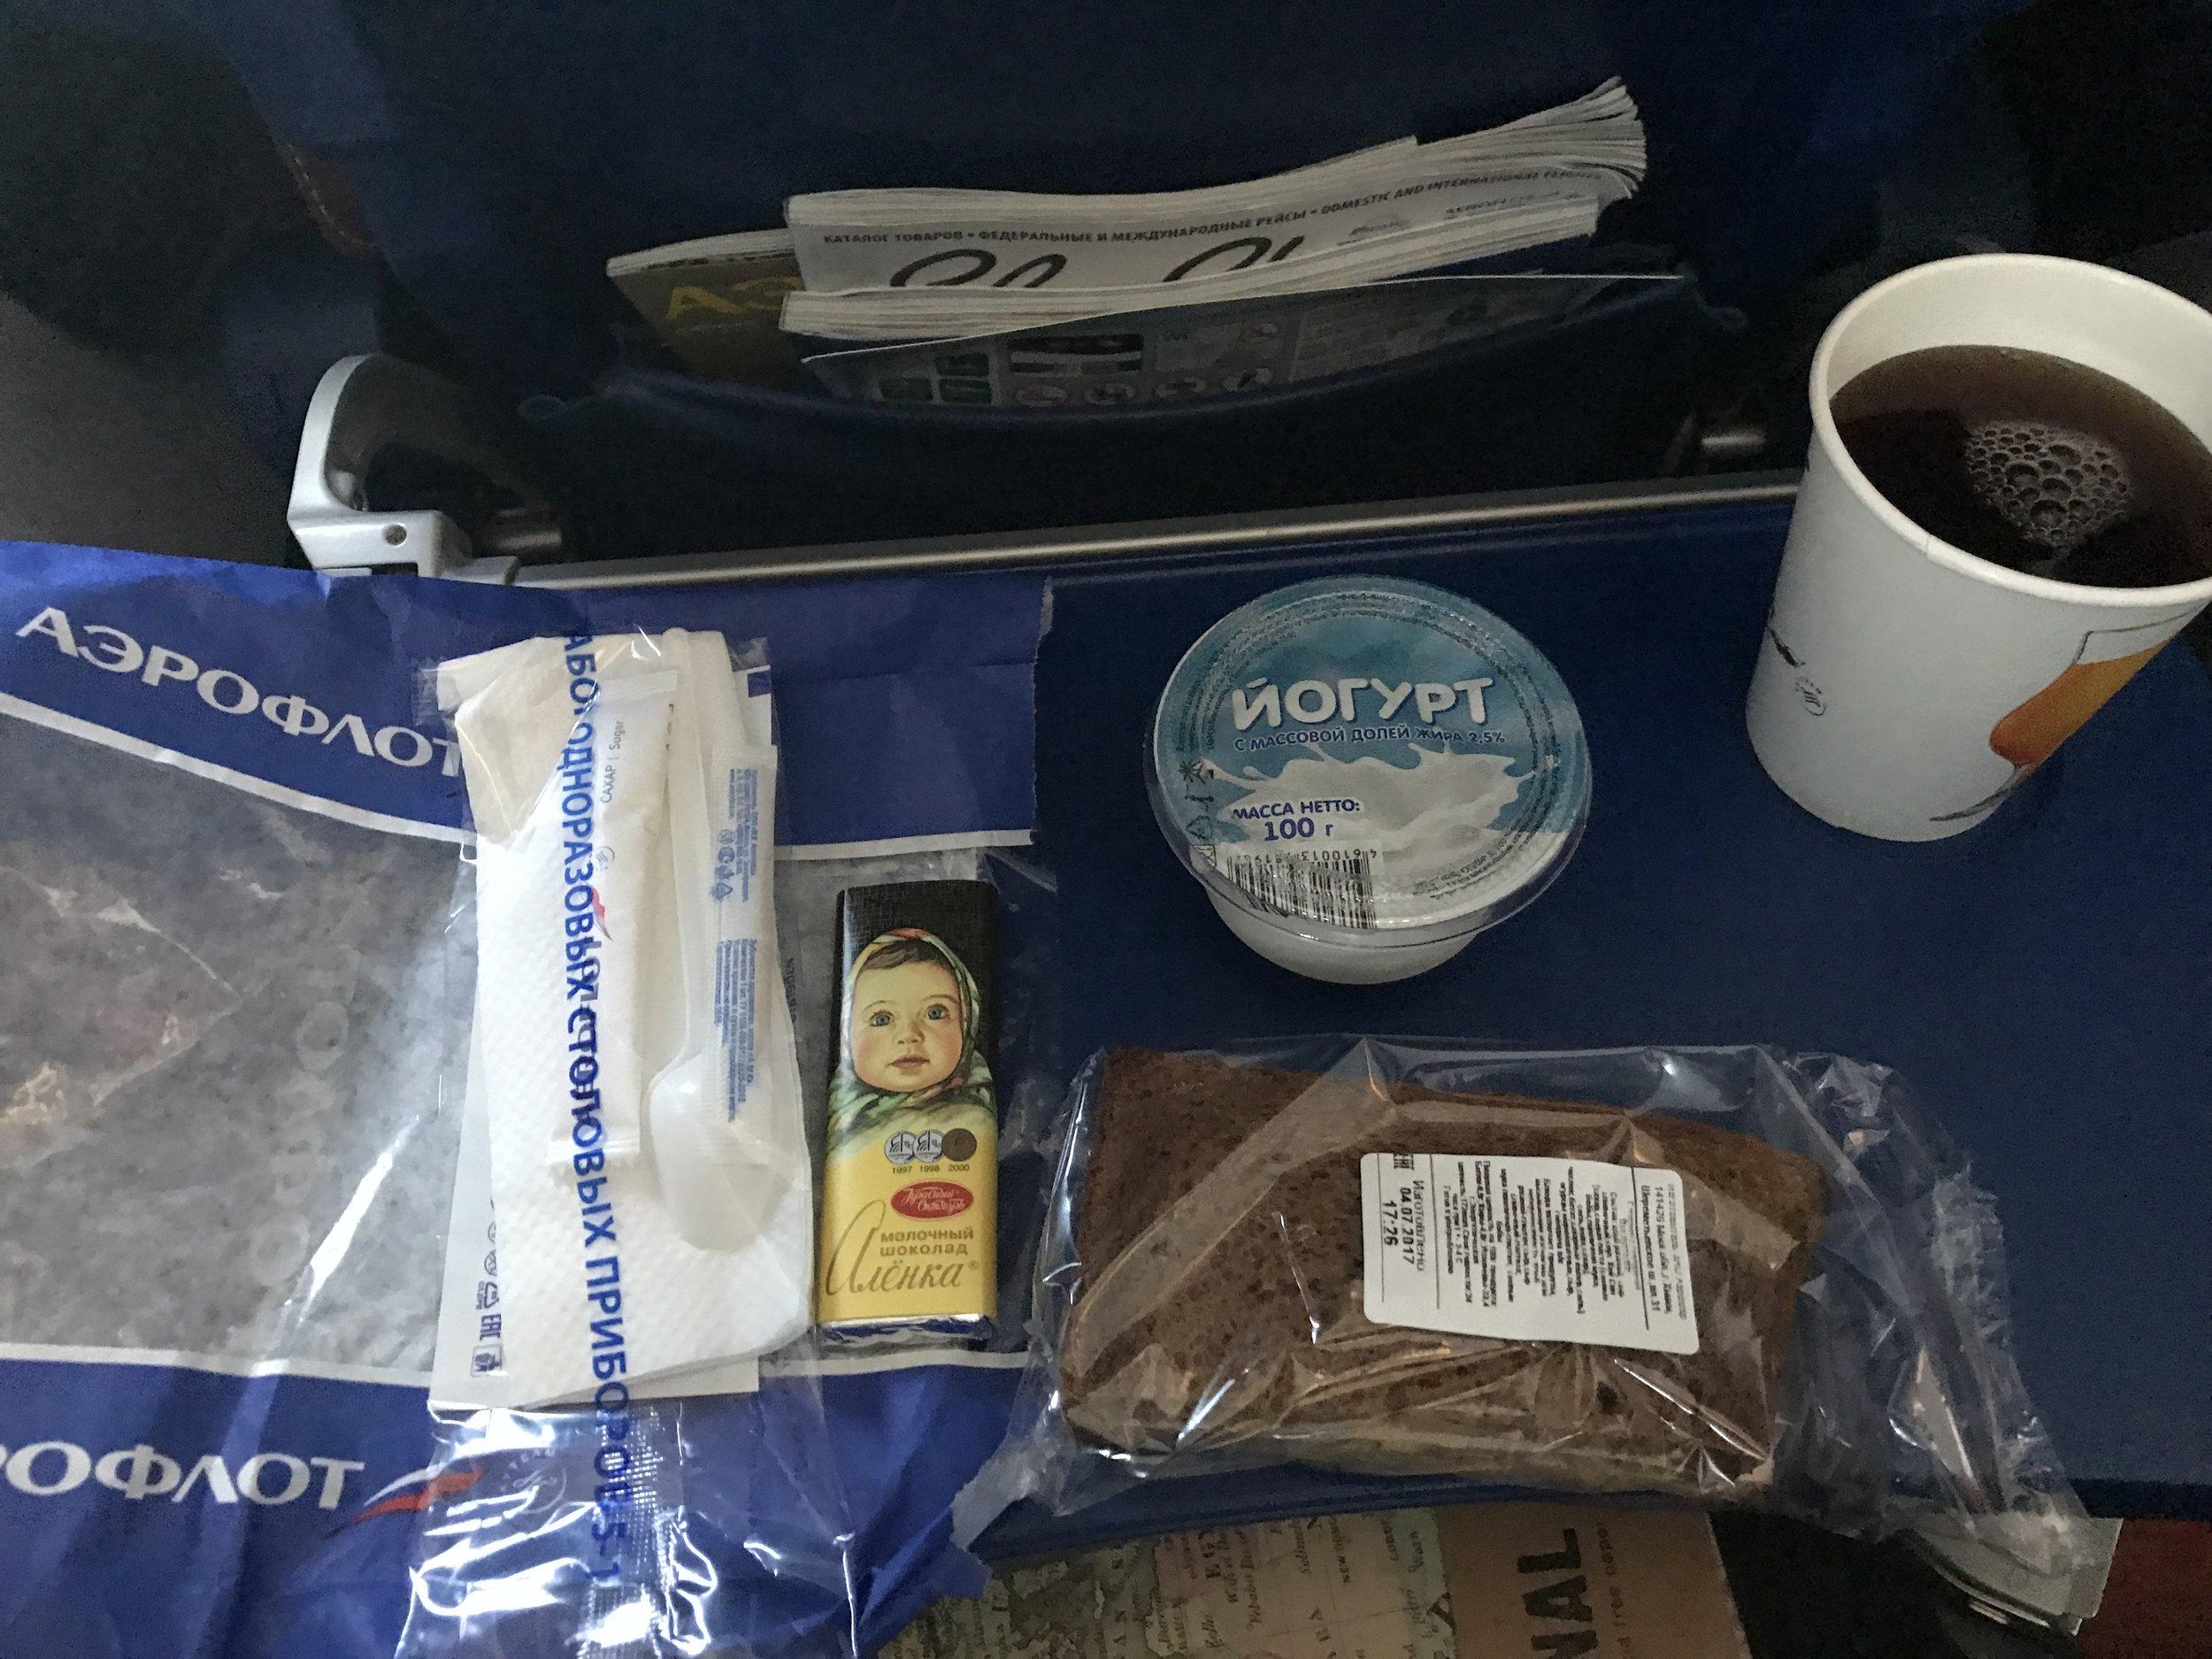 وجبة الطعام المقدمة في الطائرة، كلوب ساندويتش (بلحم الخنزيرللأسف) زبادي وشكولاته